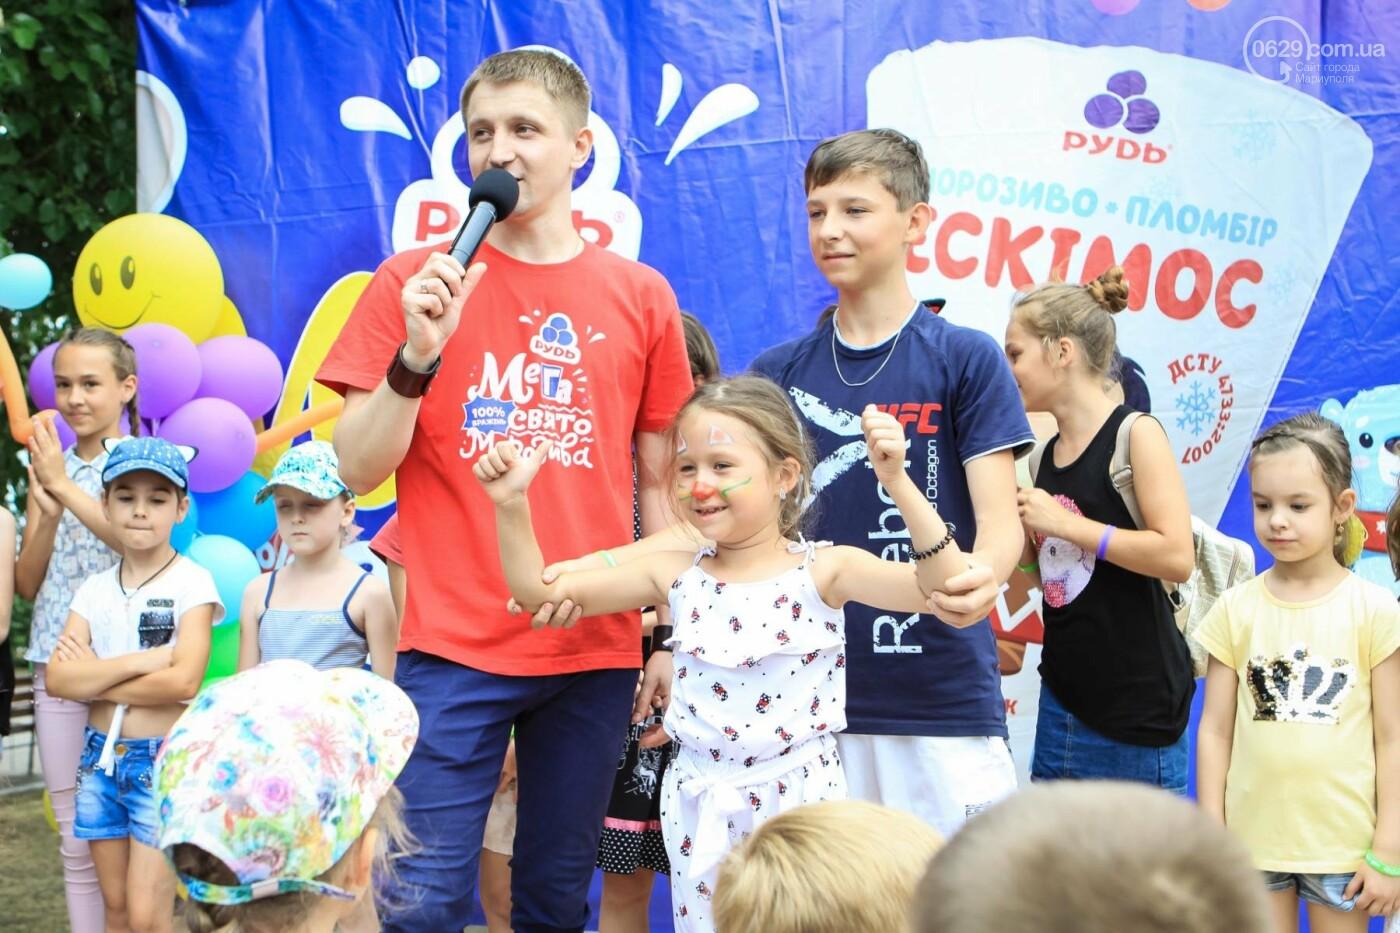 Мариупольцы получили 100% ярких впечатлений на Празднике Мороженого от компании «РУДЬ», фото-23